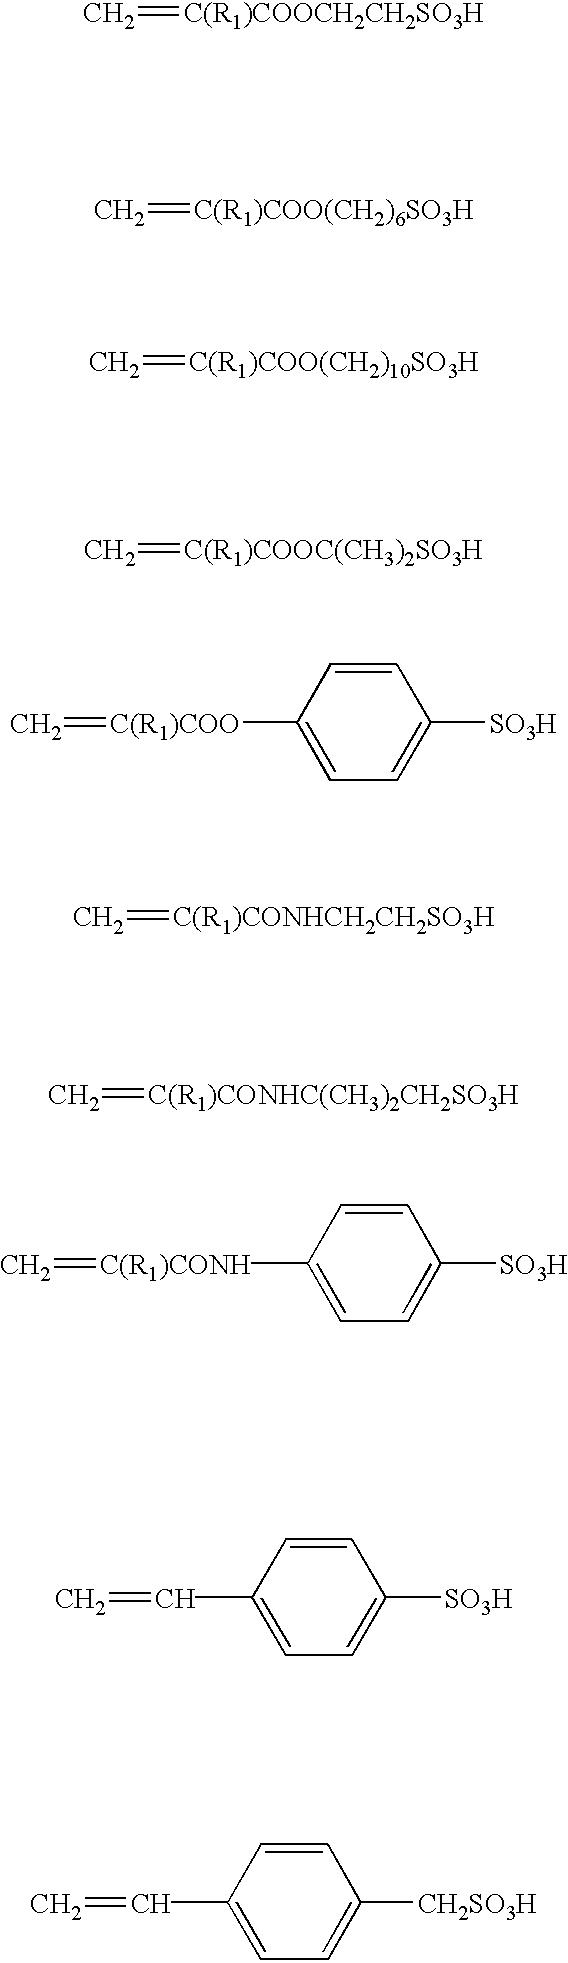 Figure US06759449-20040706-C00007